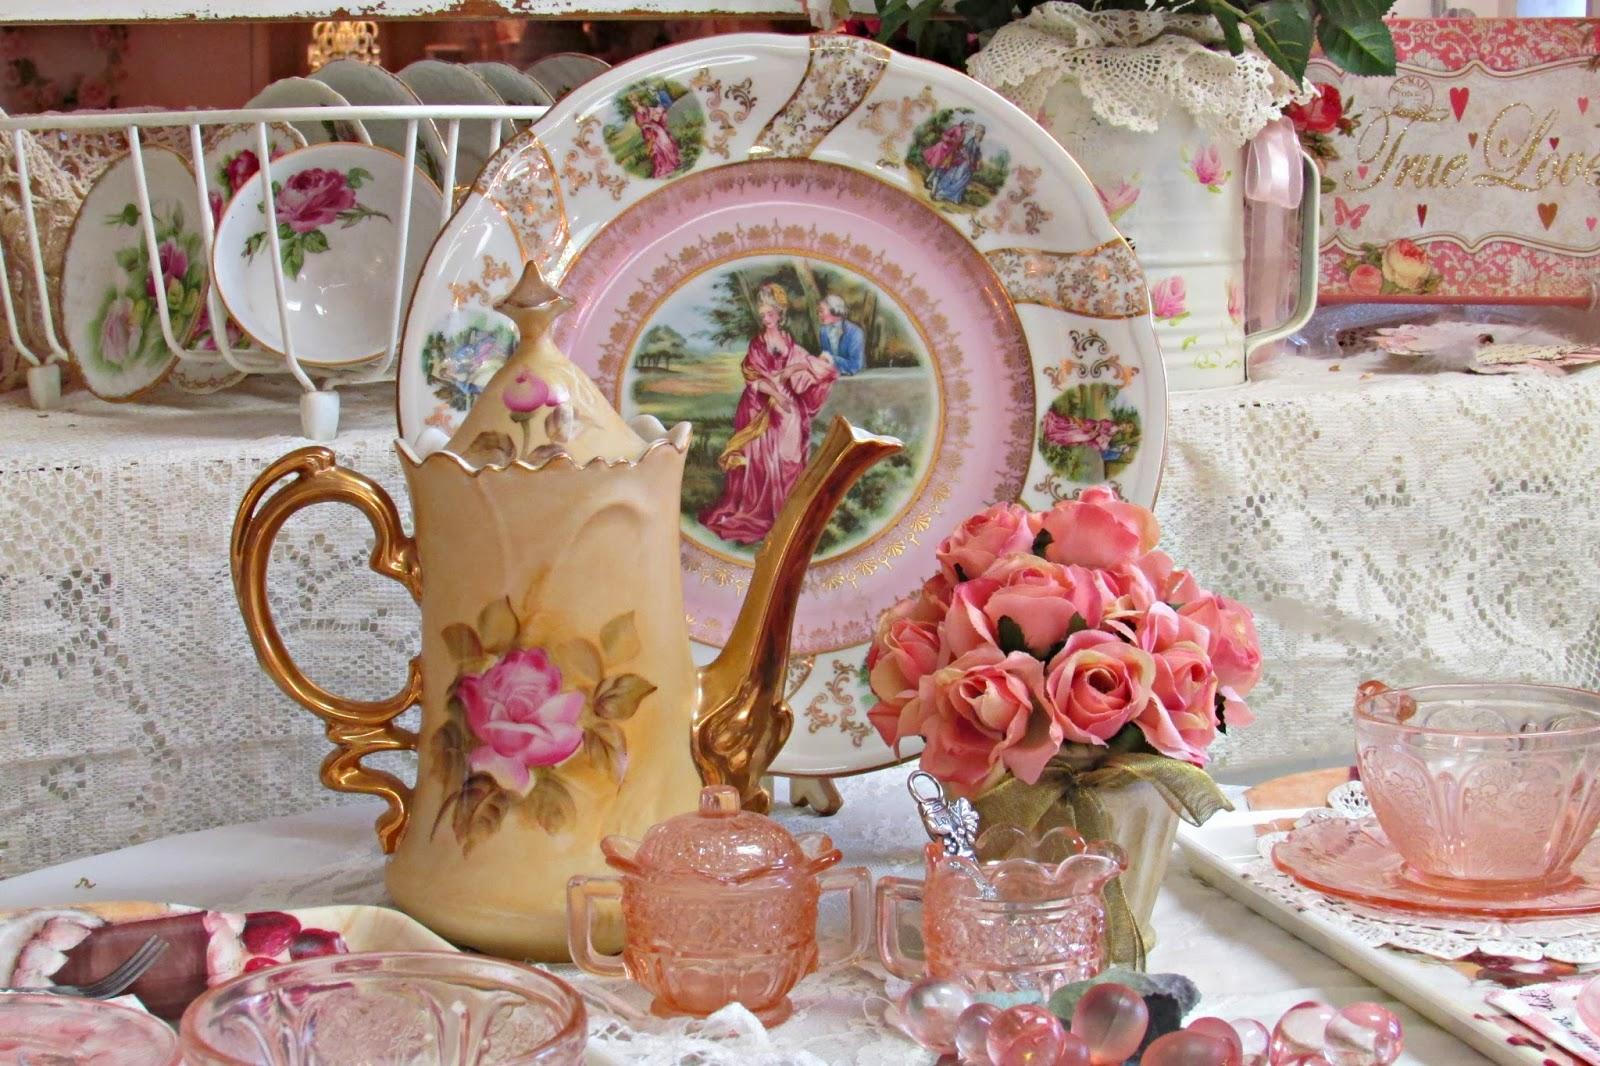 romantizm-vintage-yemek-takimi-porselen